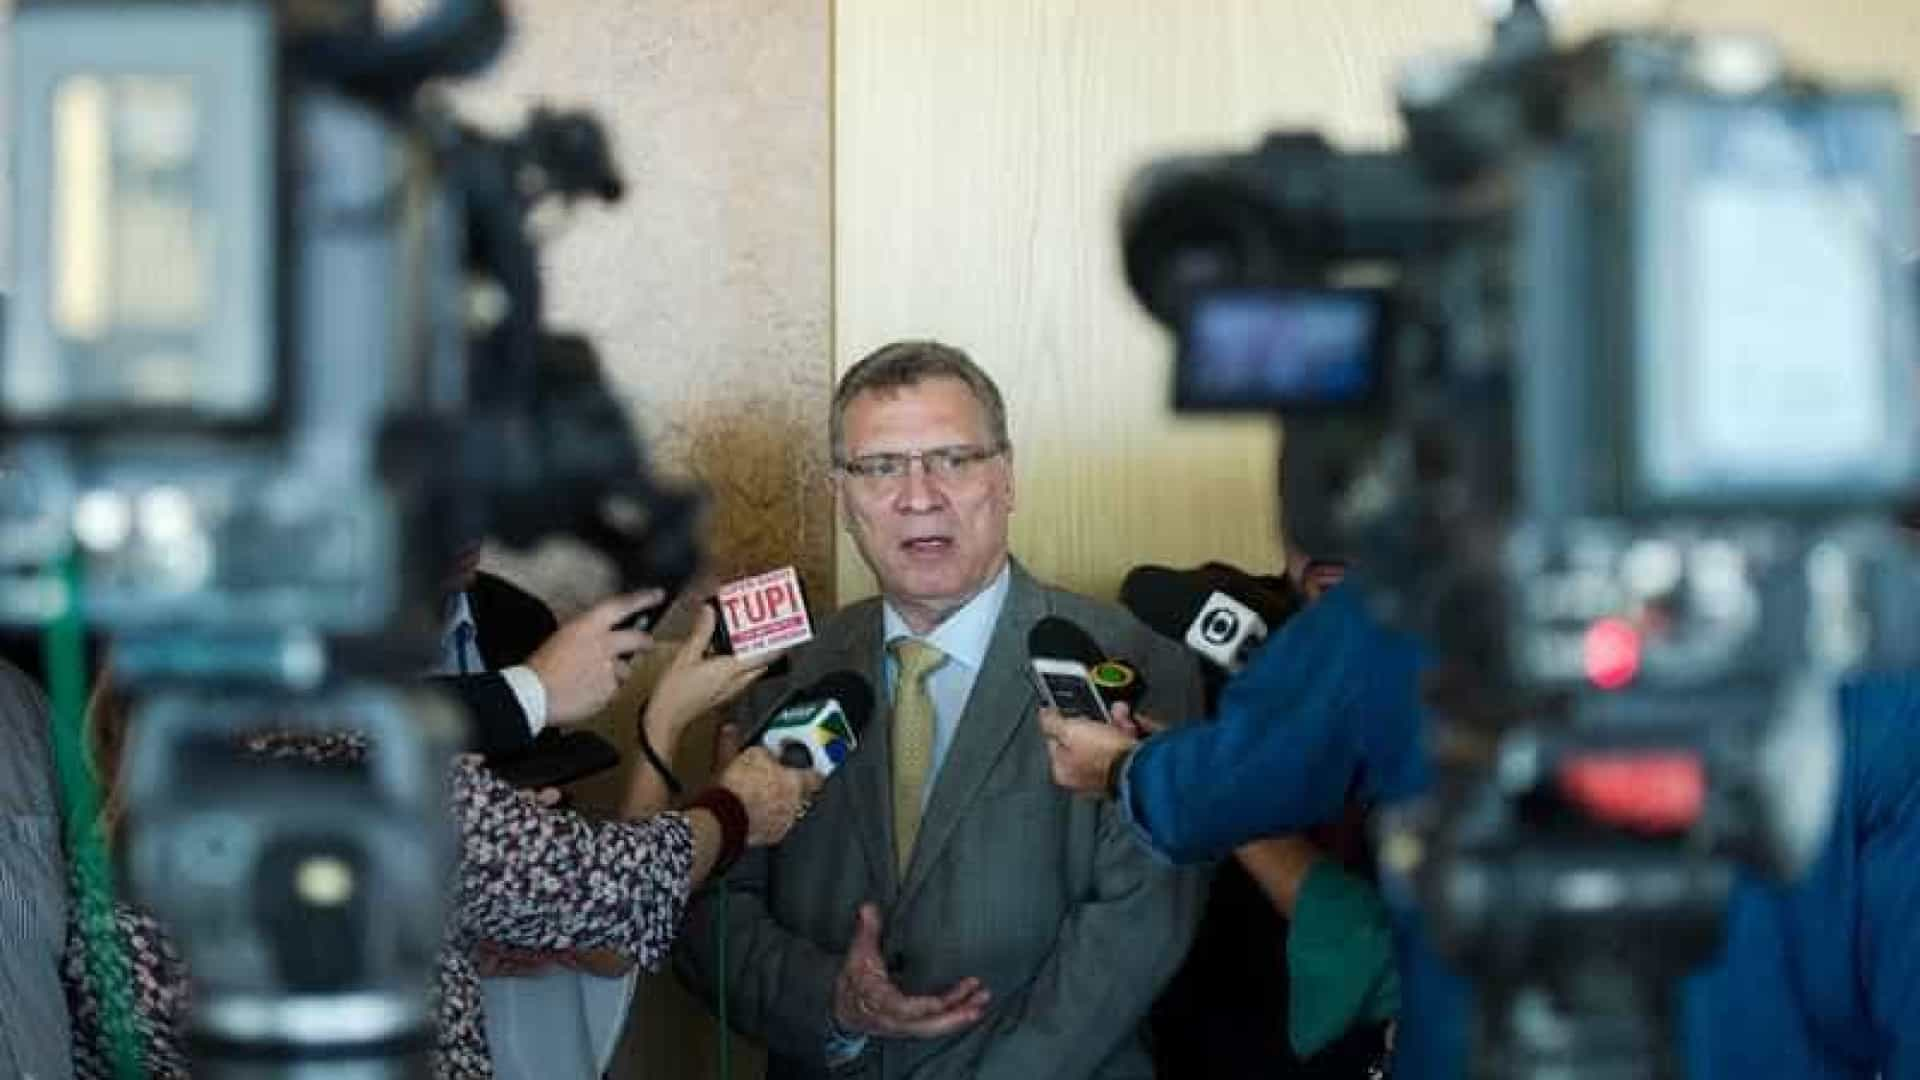 Ministro do STF prepara cenário para cassar candidatura de Lula